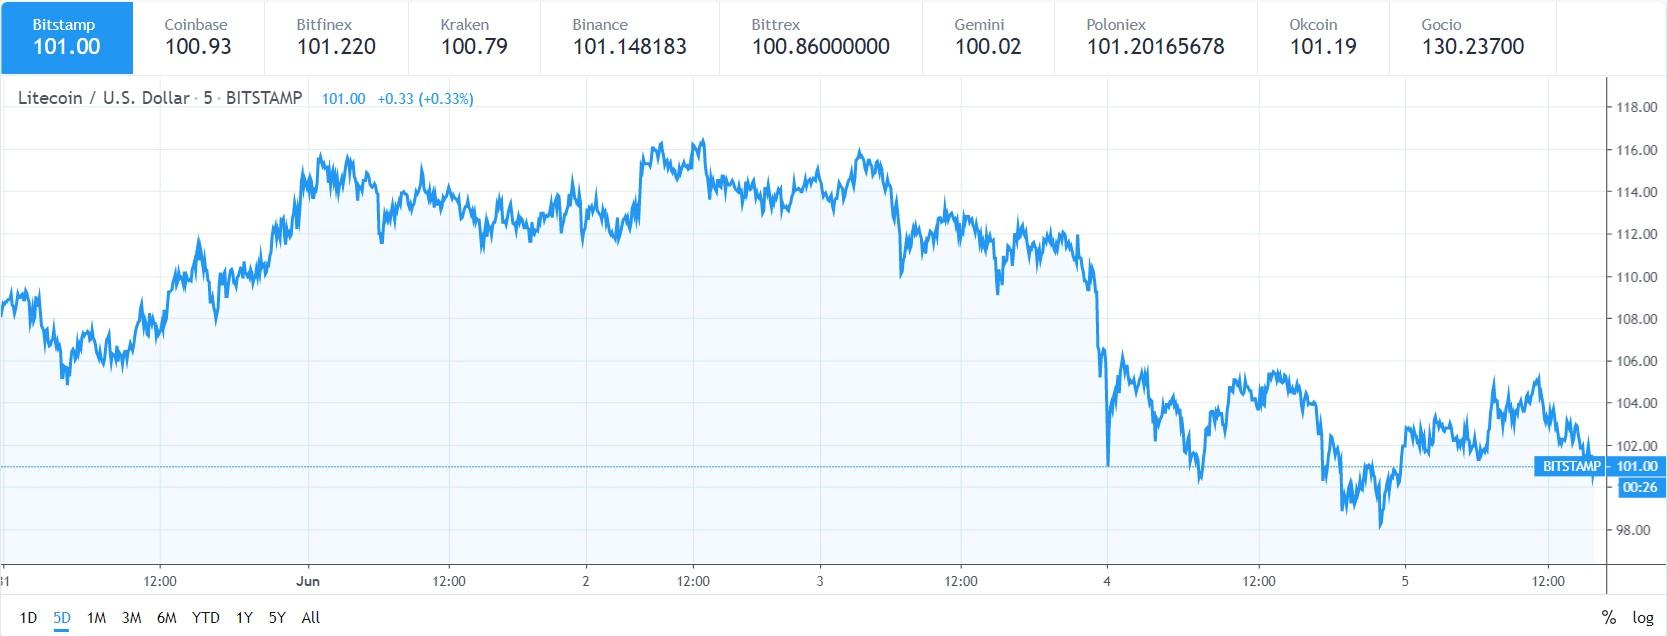 LTC price chart